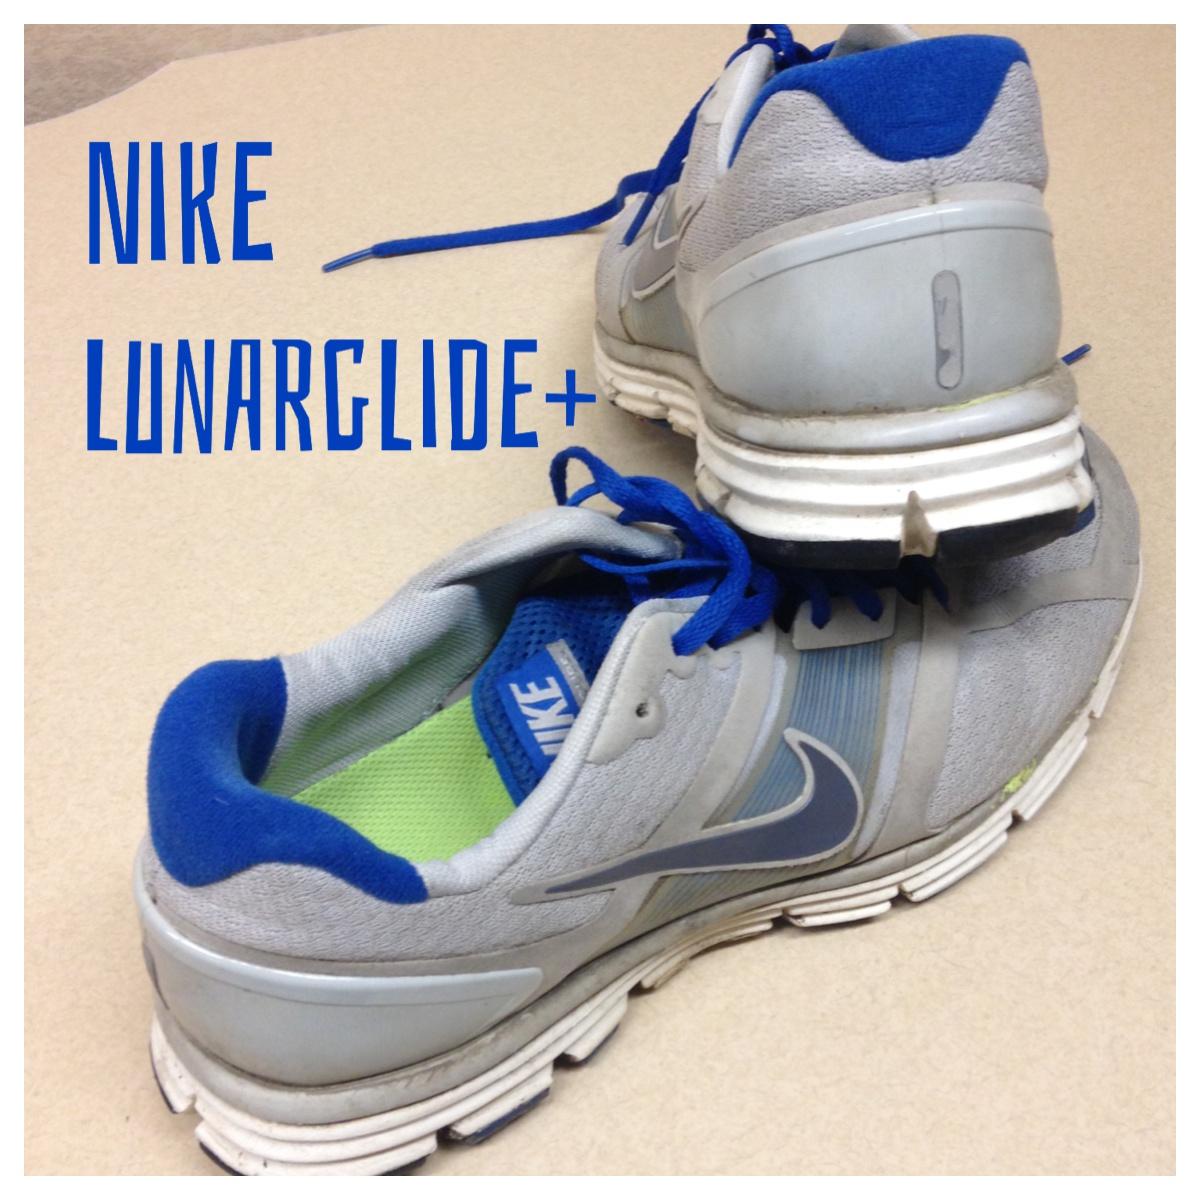 02041fe8ba7319 I bought my first pair of Nikes at Kintec